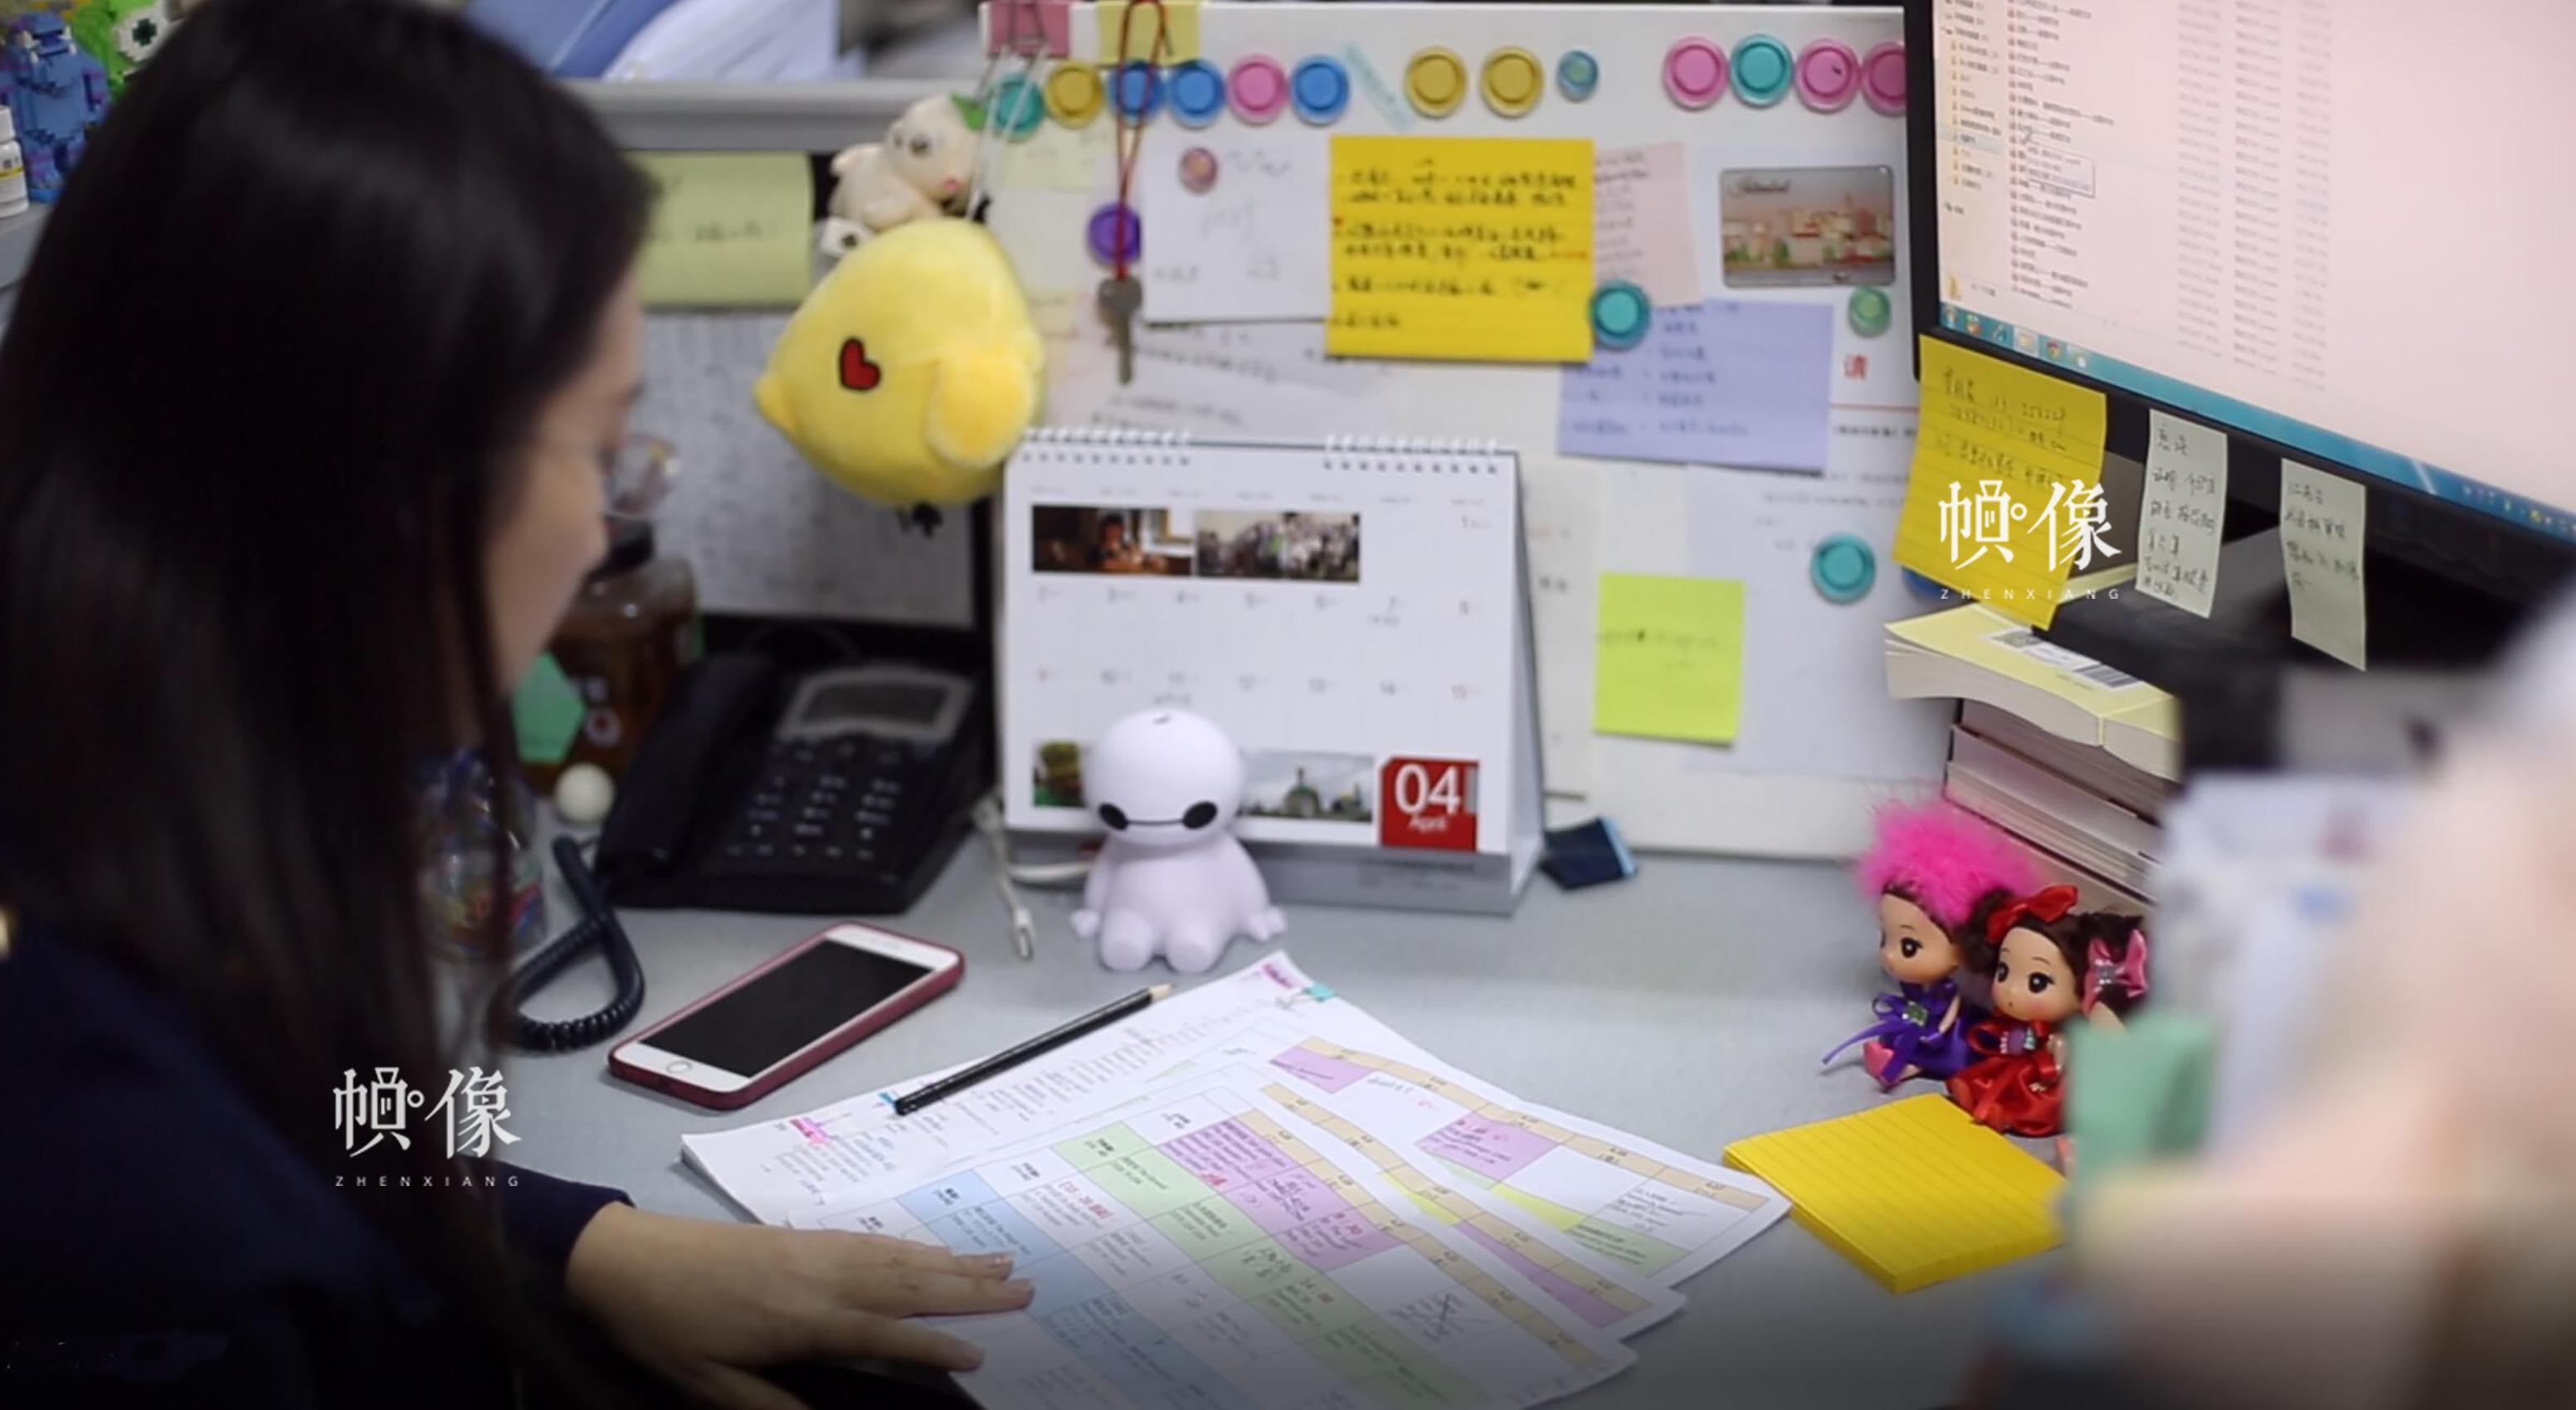 每年北京国际电影节都是排片量大、工作量大的时期,周立烨白天拍完自己的影片,晚上到办公室还要继续熬夜看下一场影片,循环往复。中国网记者 焦源源 摄